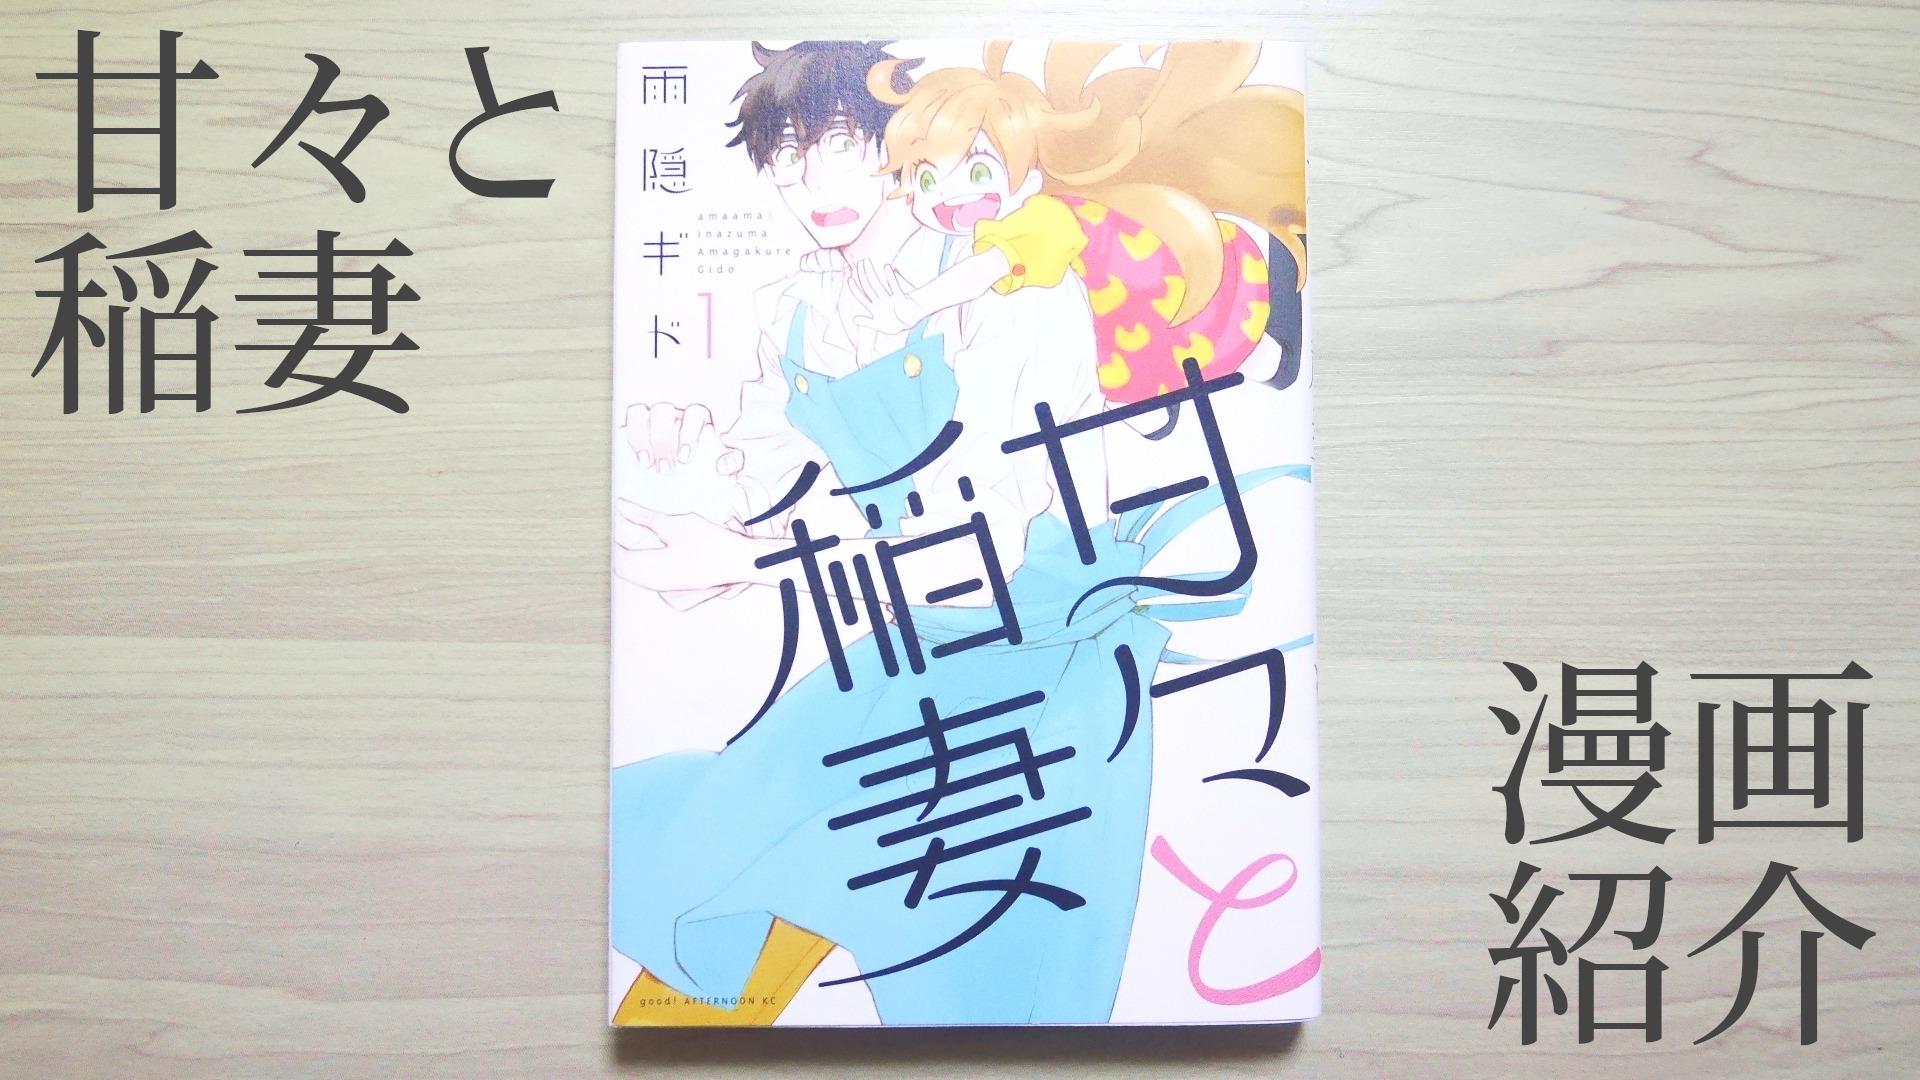 甘々と稲妻_漫画紹介